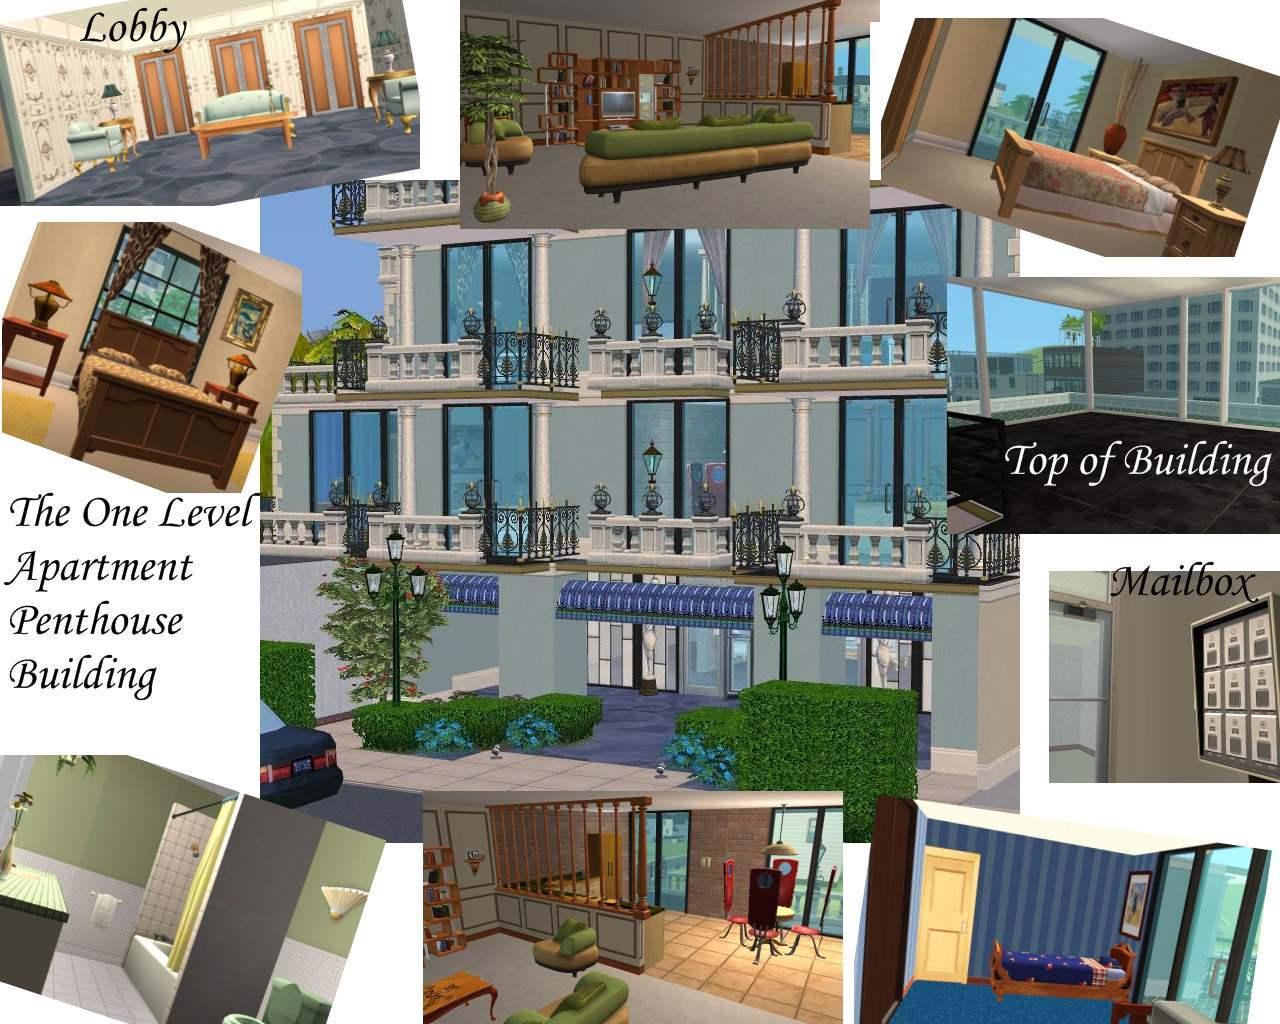 Mod The Sims Renaissance Complex Apartments Starbucks